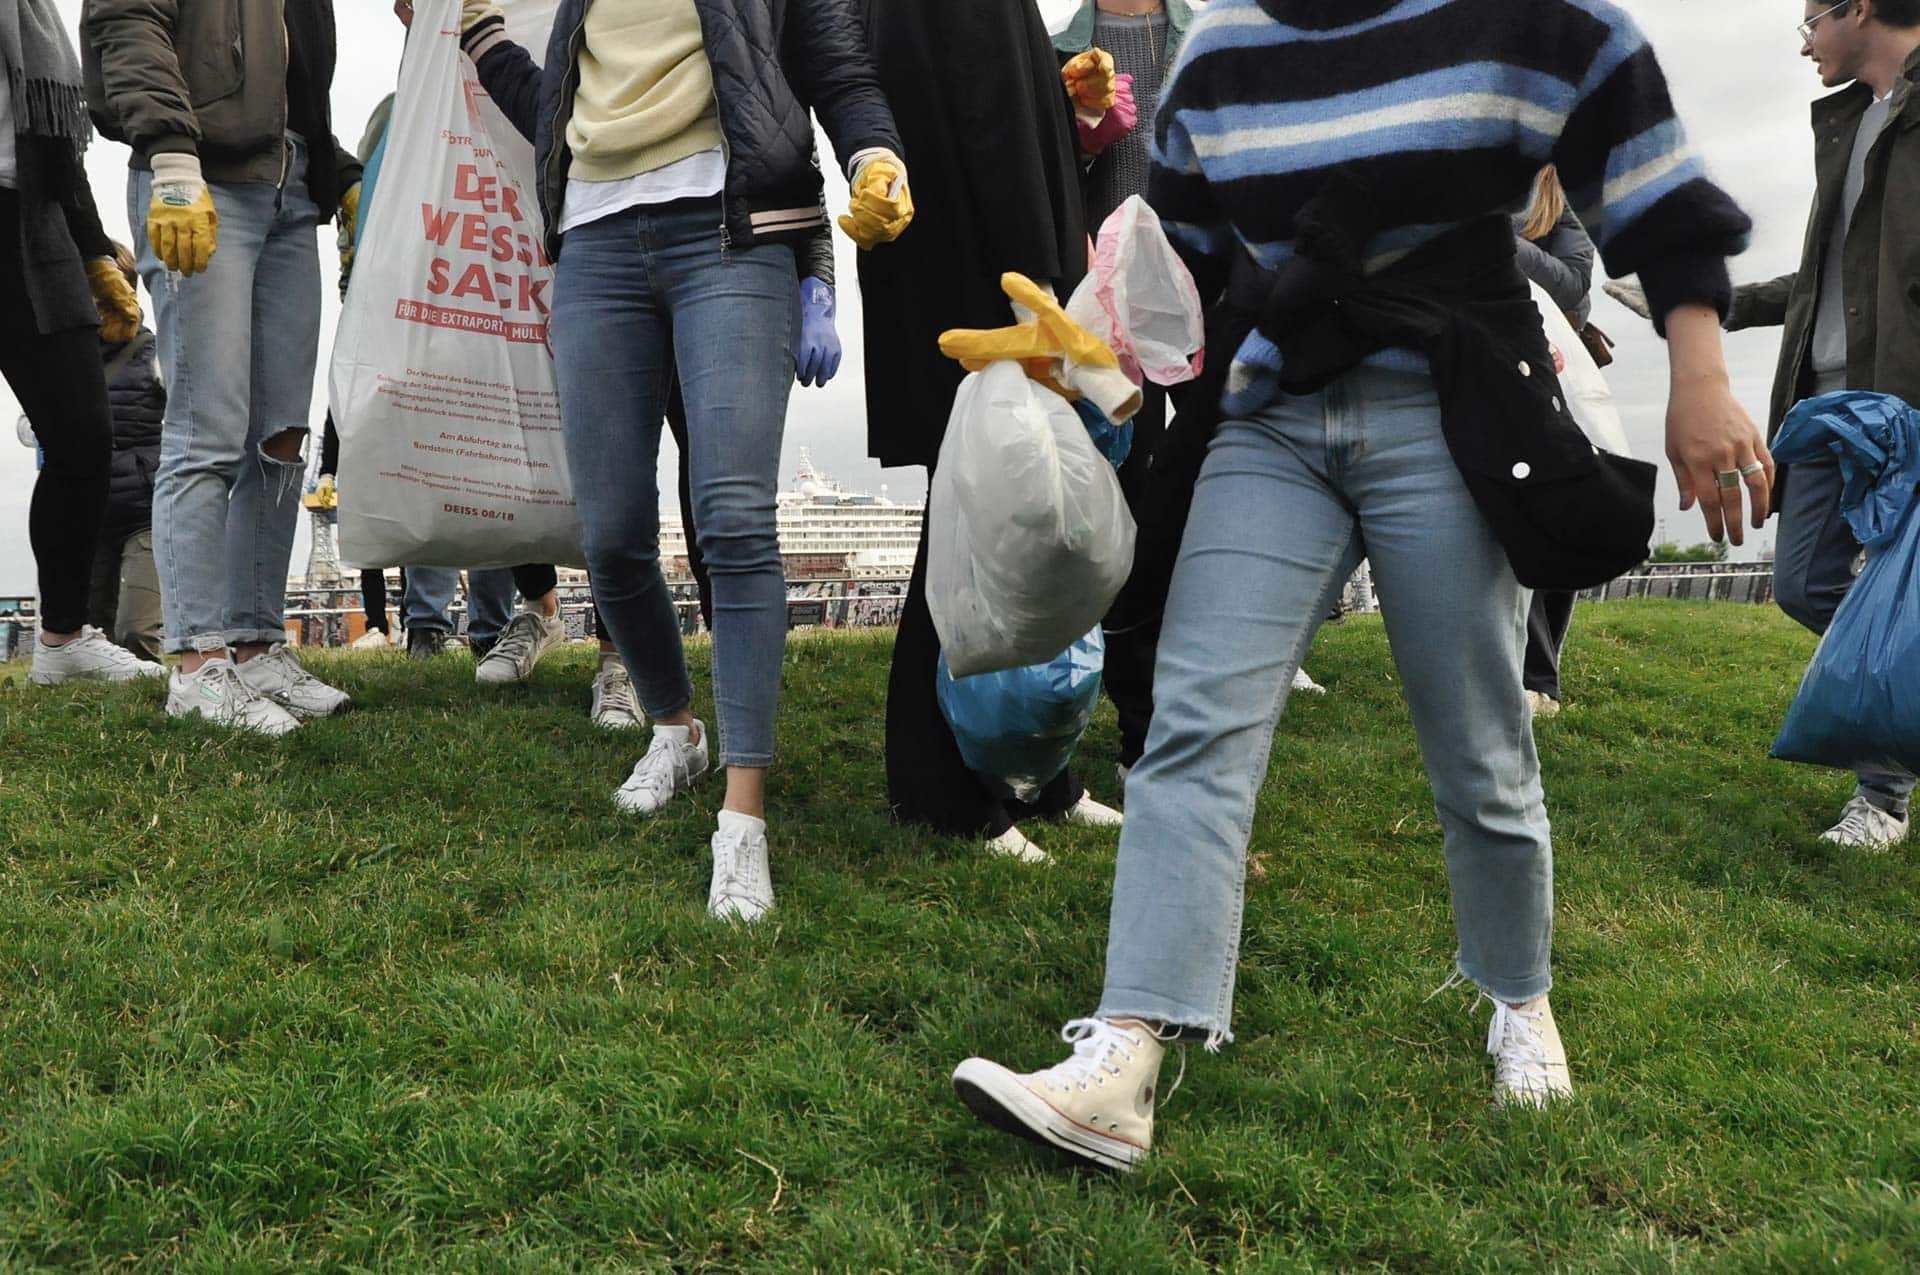 Clean Hamburg - Für ein sauberes Hamburg: Oclean gegen Plastik